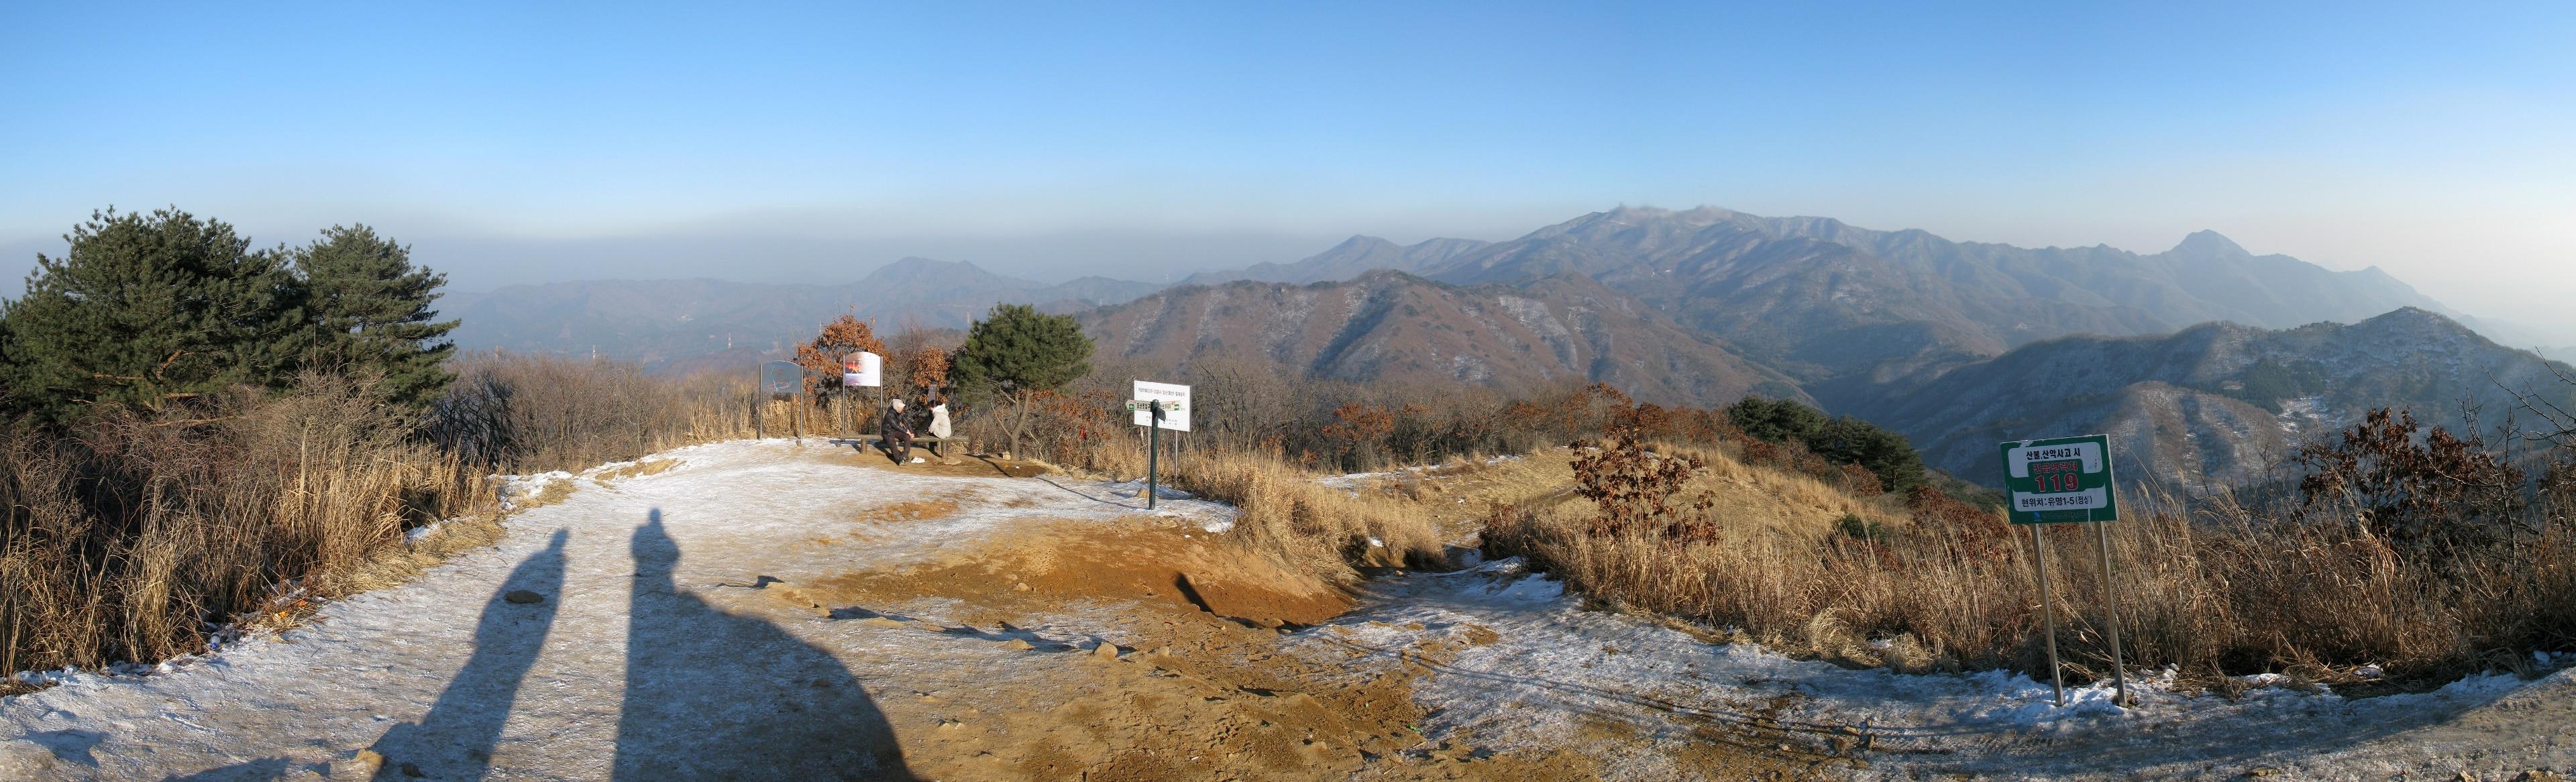 Okcheon, Yangpyeong, Gyeonggi, South Korea